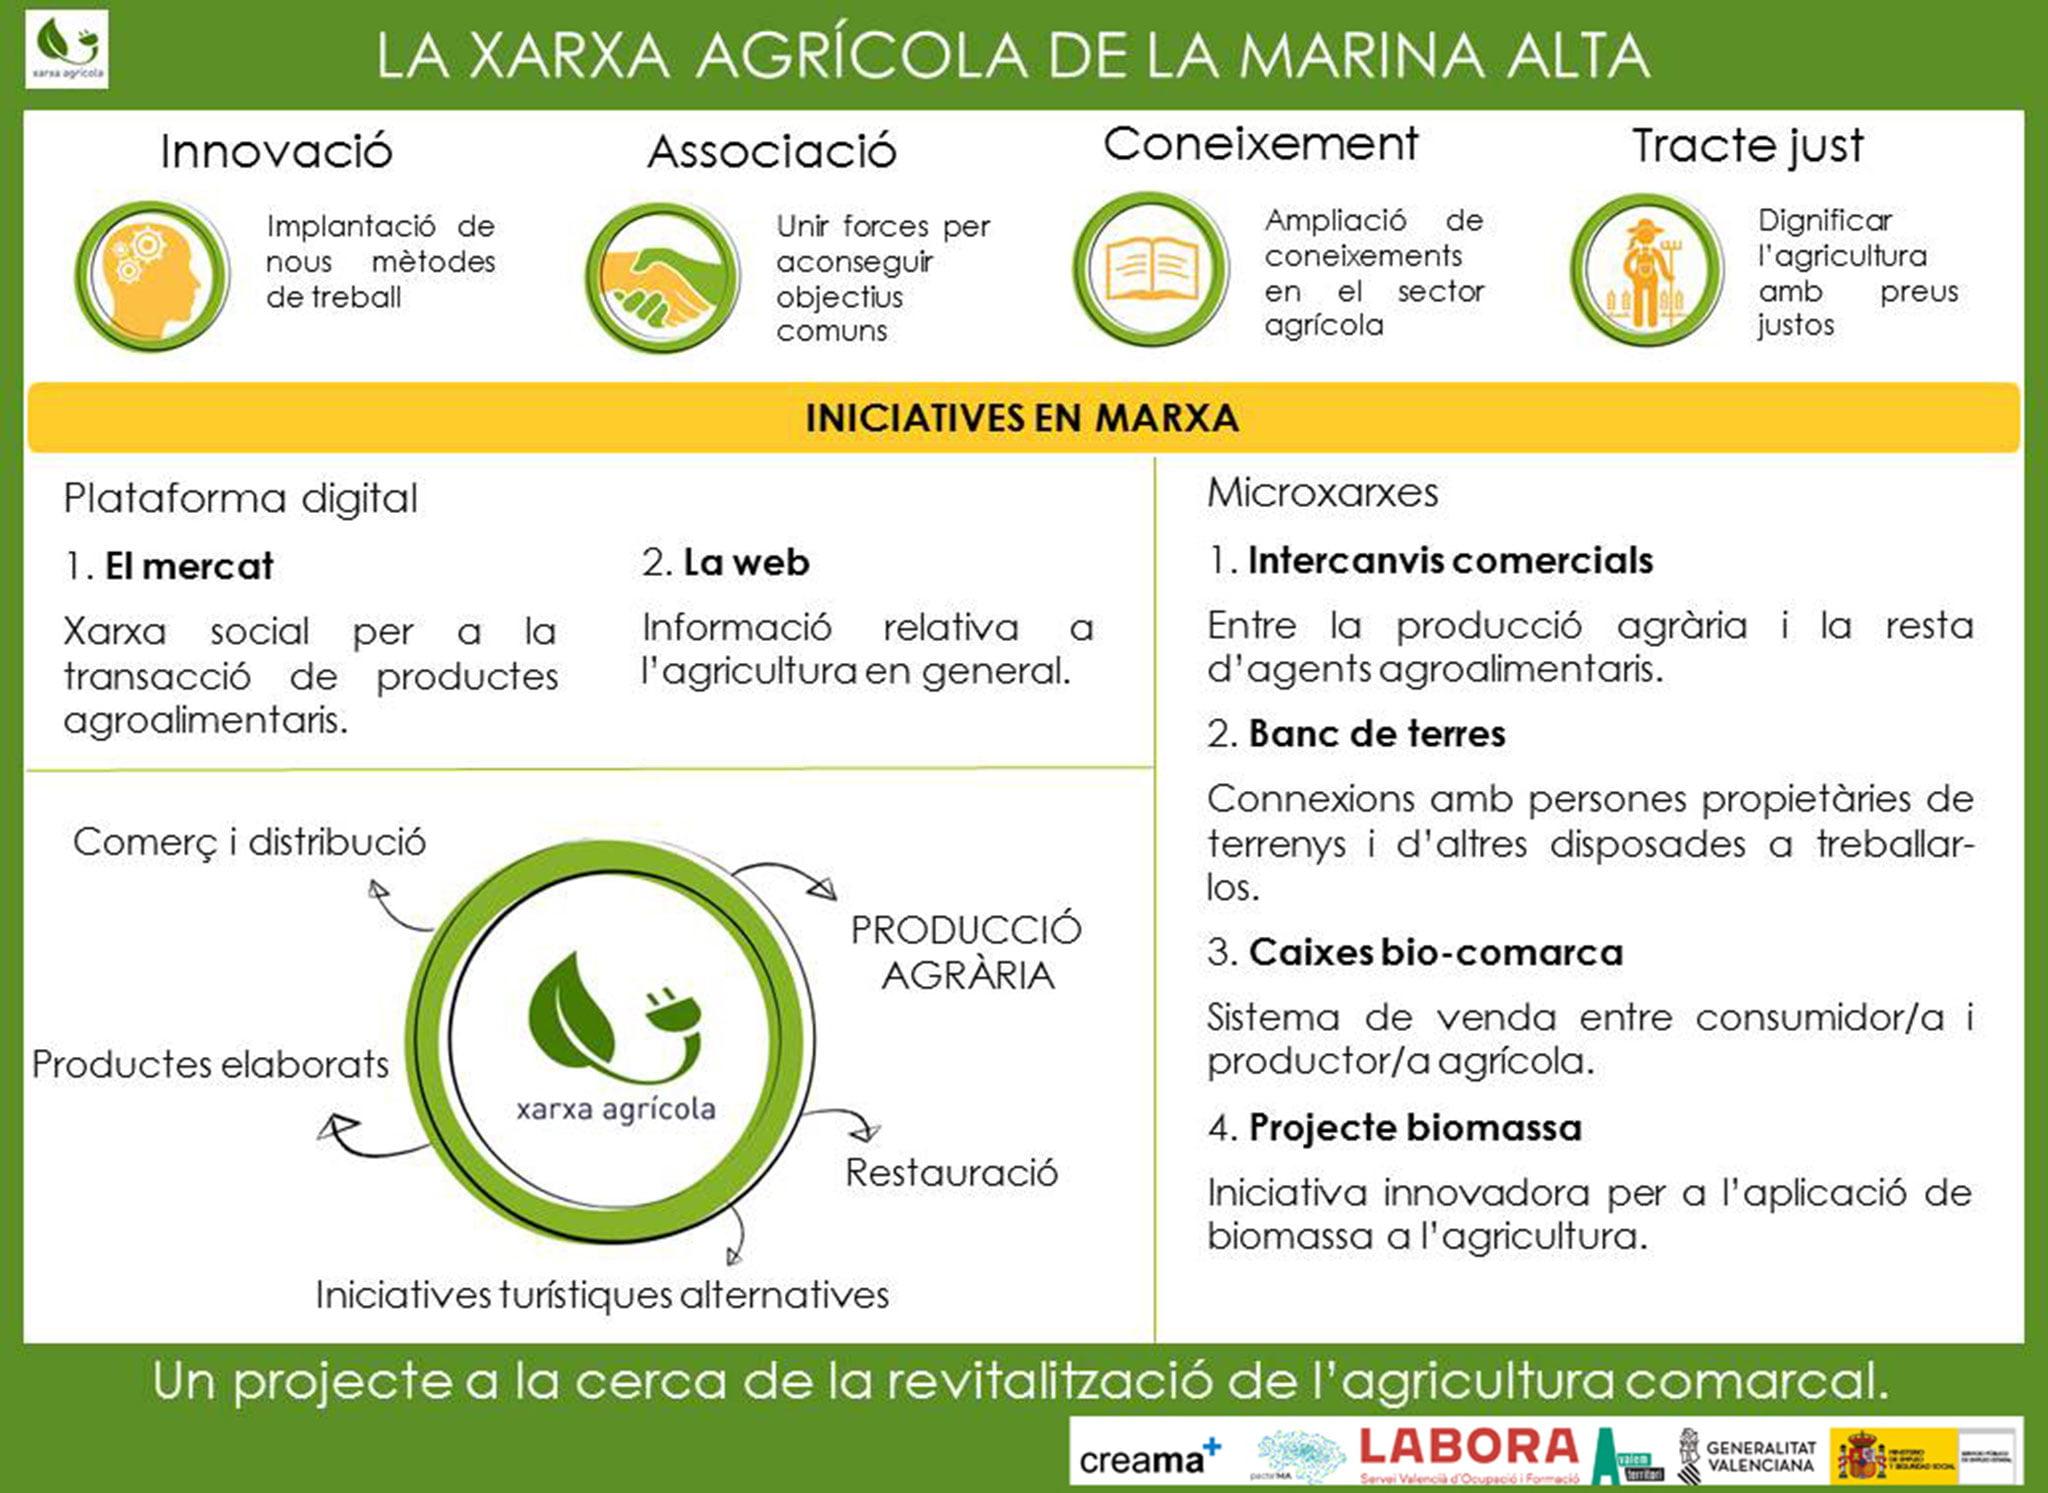 Infografía explicativa del proyecto Xarxa Agrícola